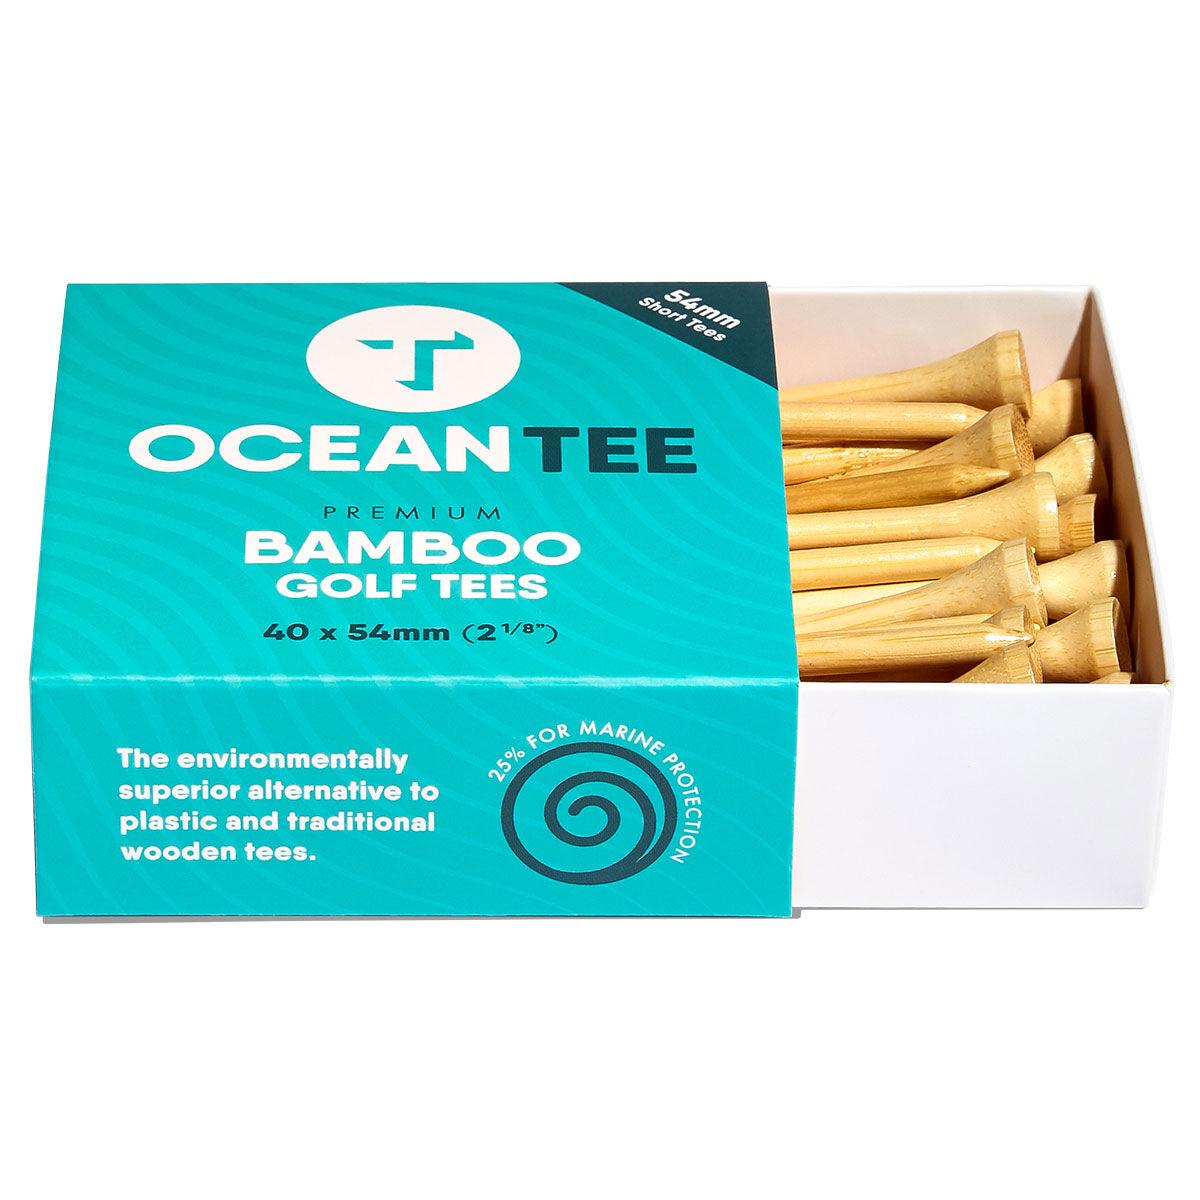 Ocean Tee Brown Pack of 40 Bamboo Tees, Size: 54mm | American Golf